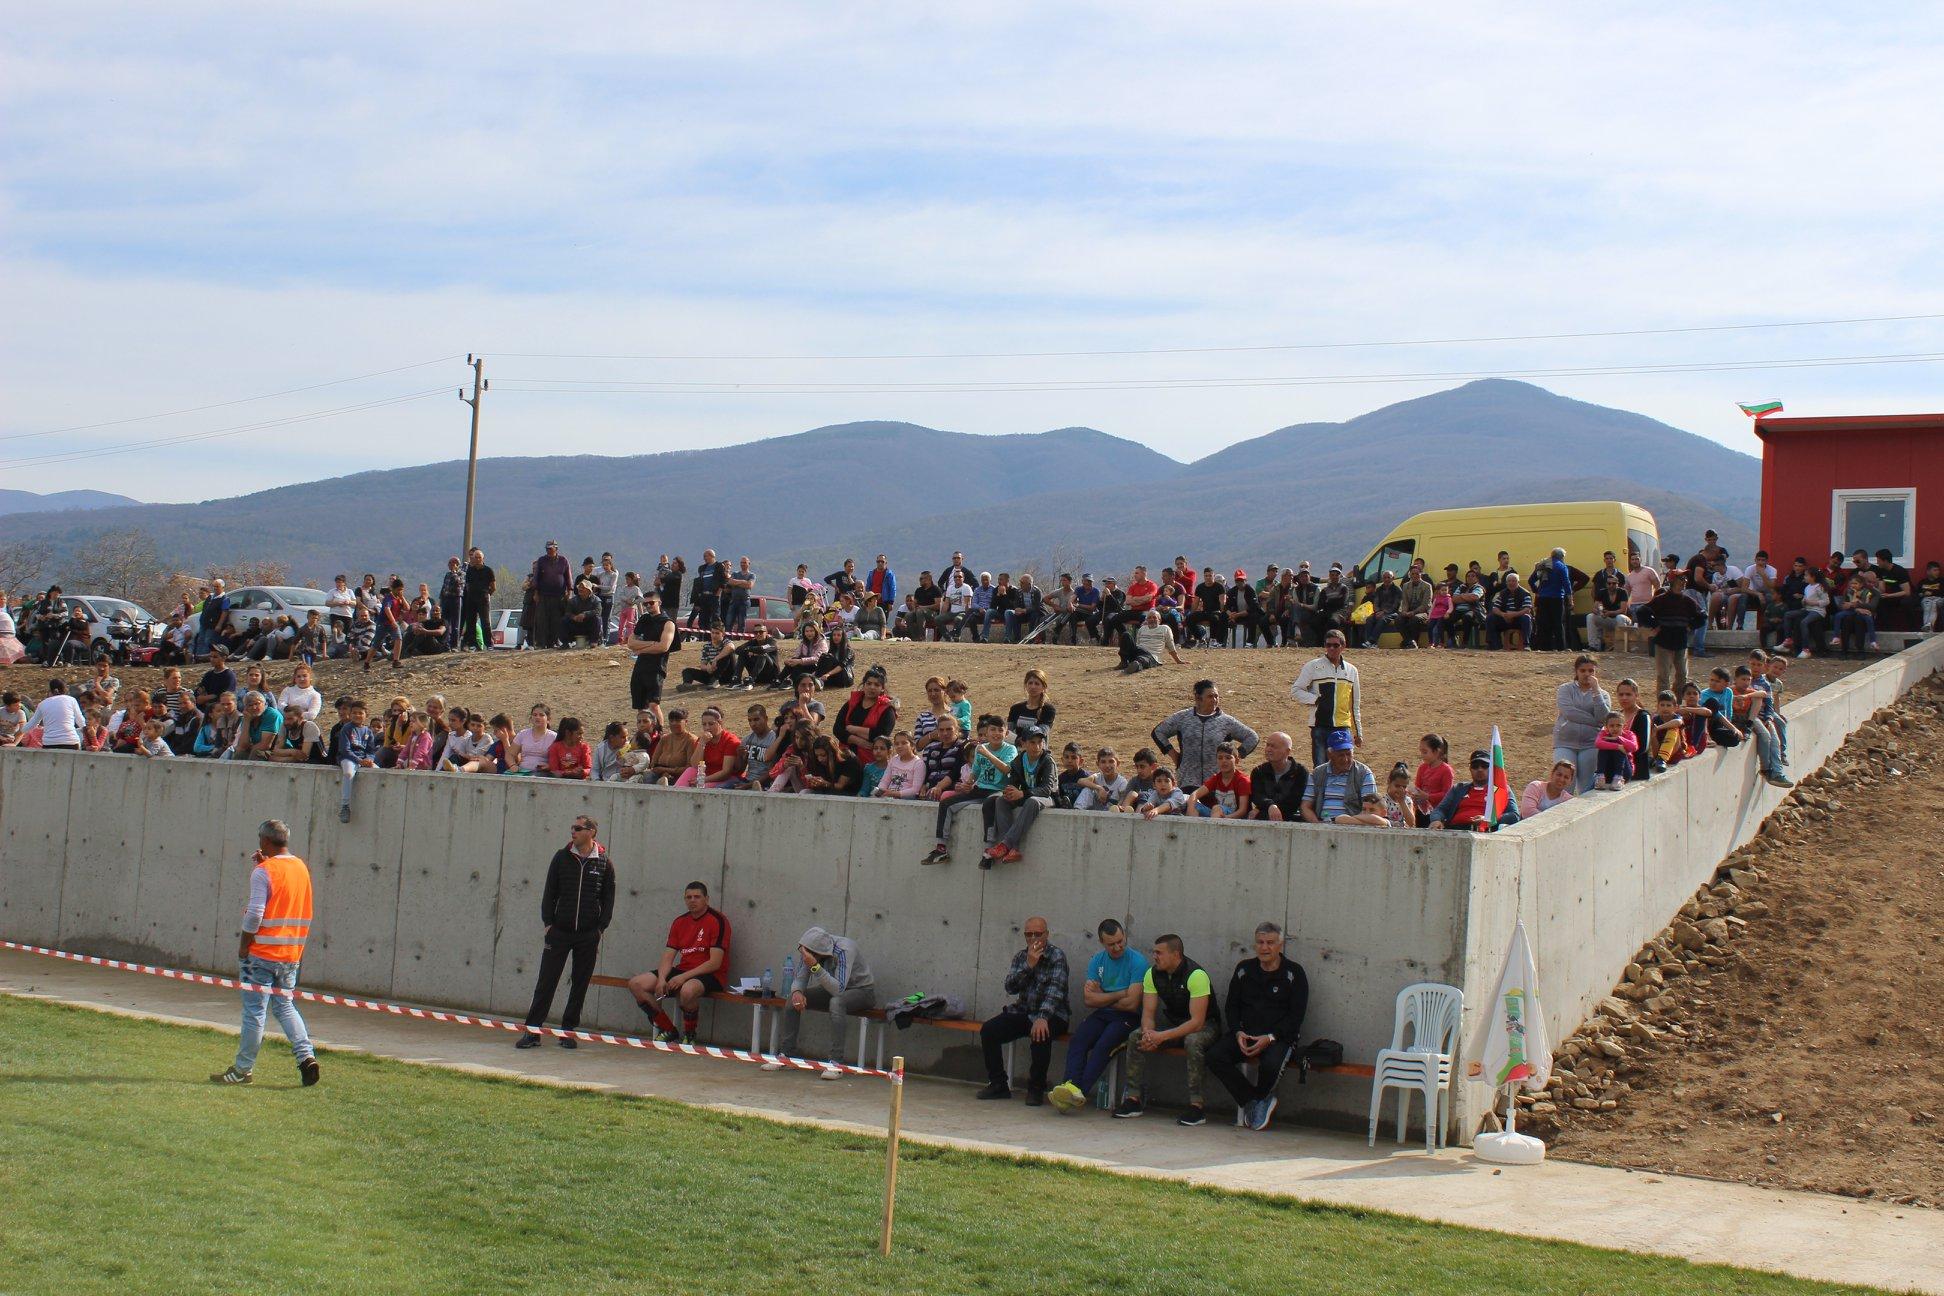 На откриването присъстваха над 300 фенове.